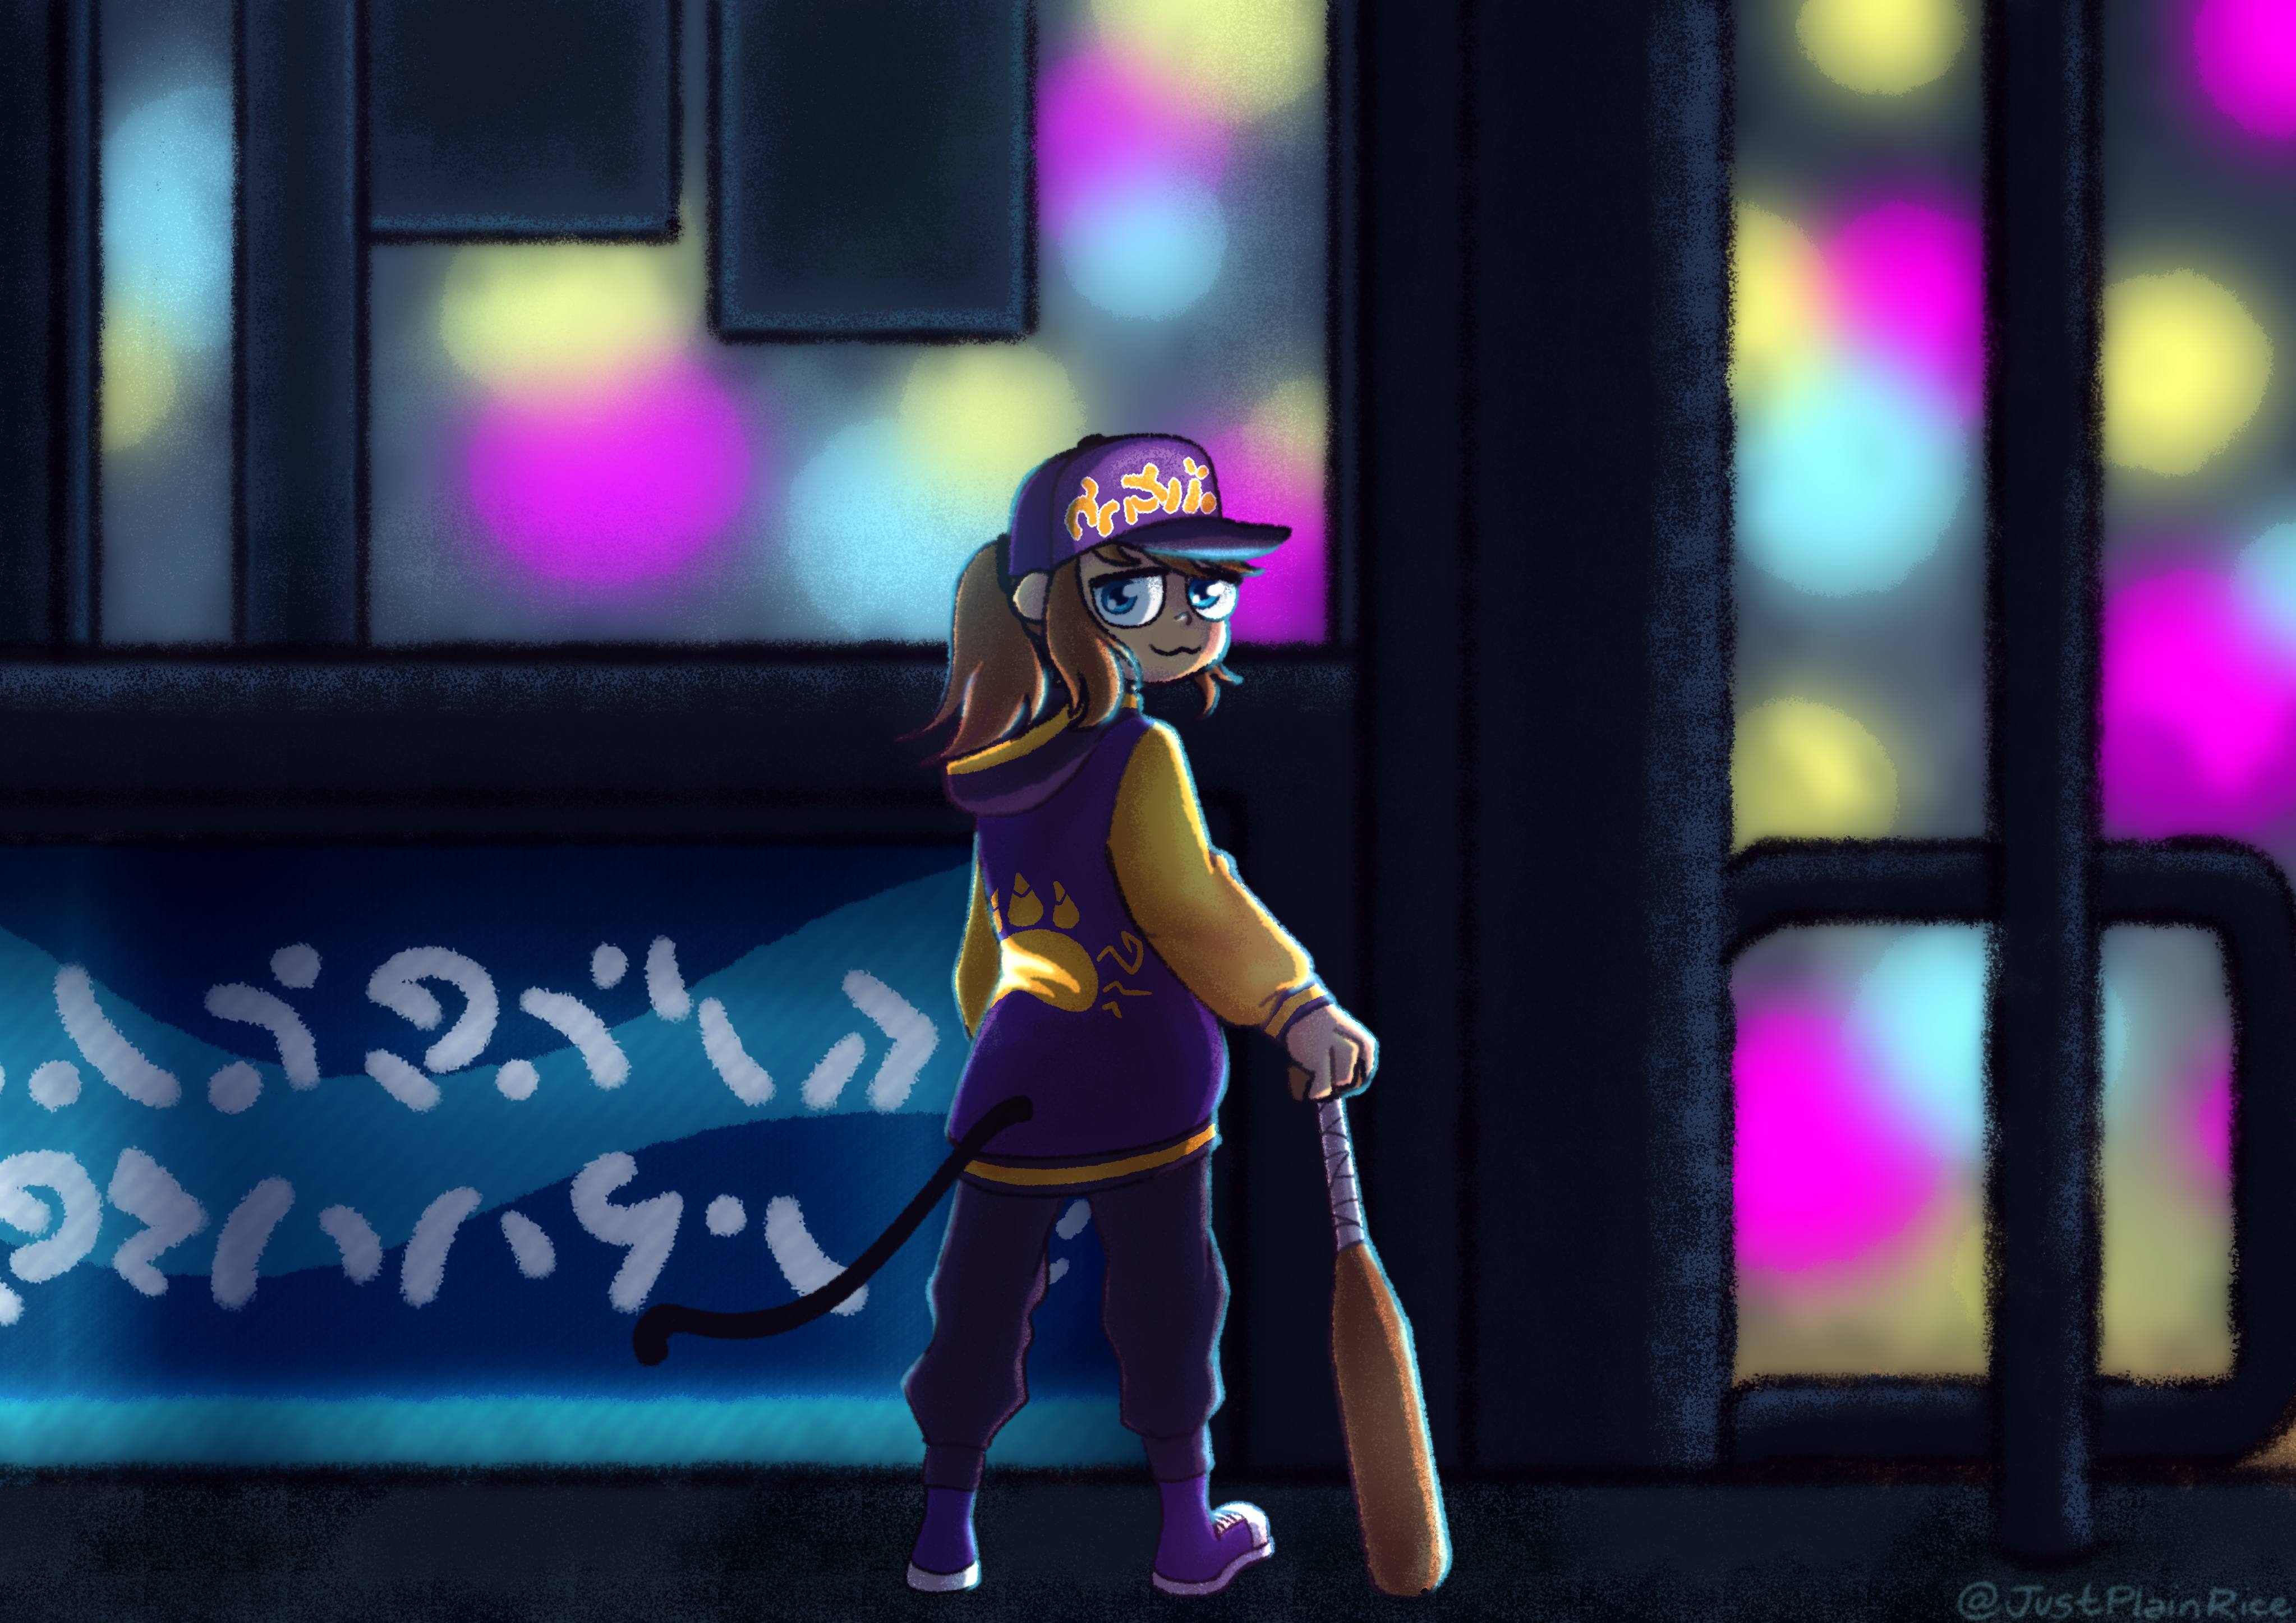 Hat Kid [Nyakuza Metro]